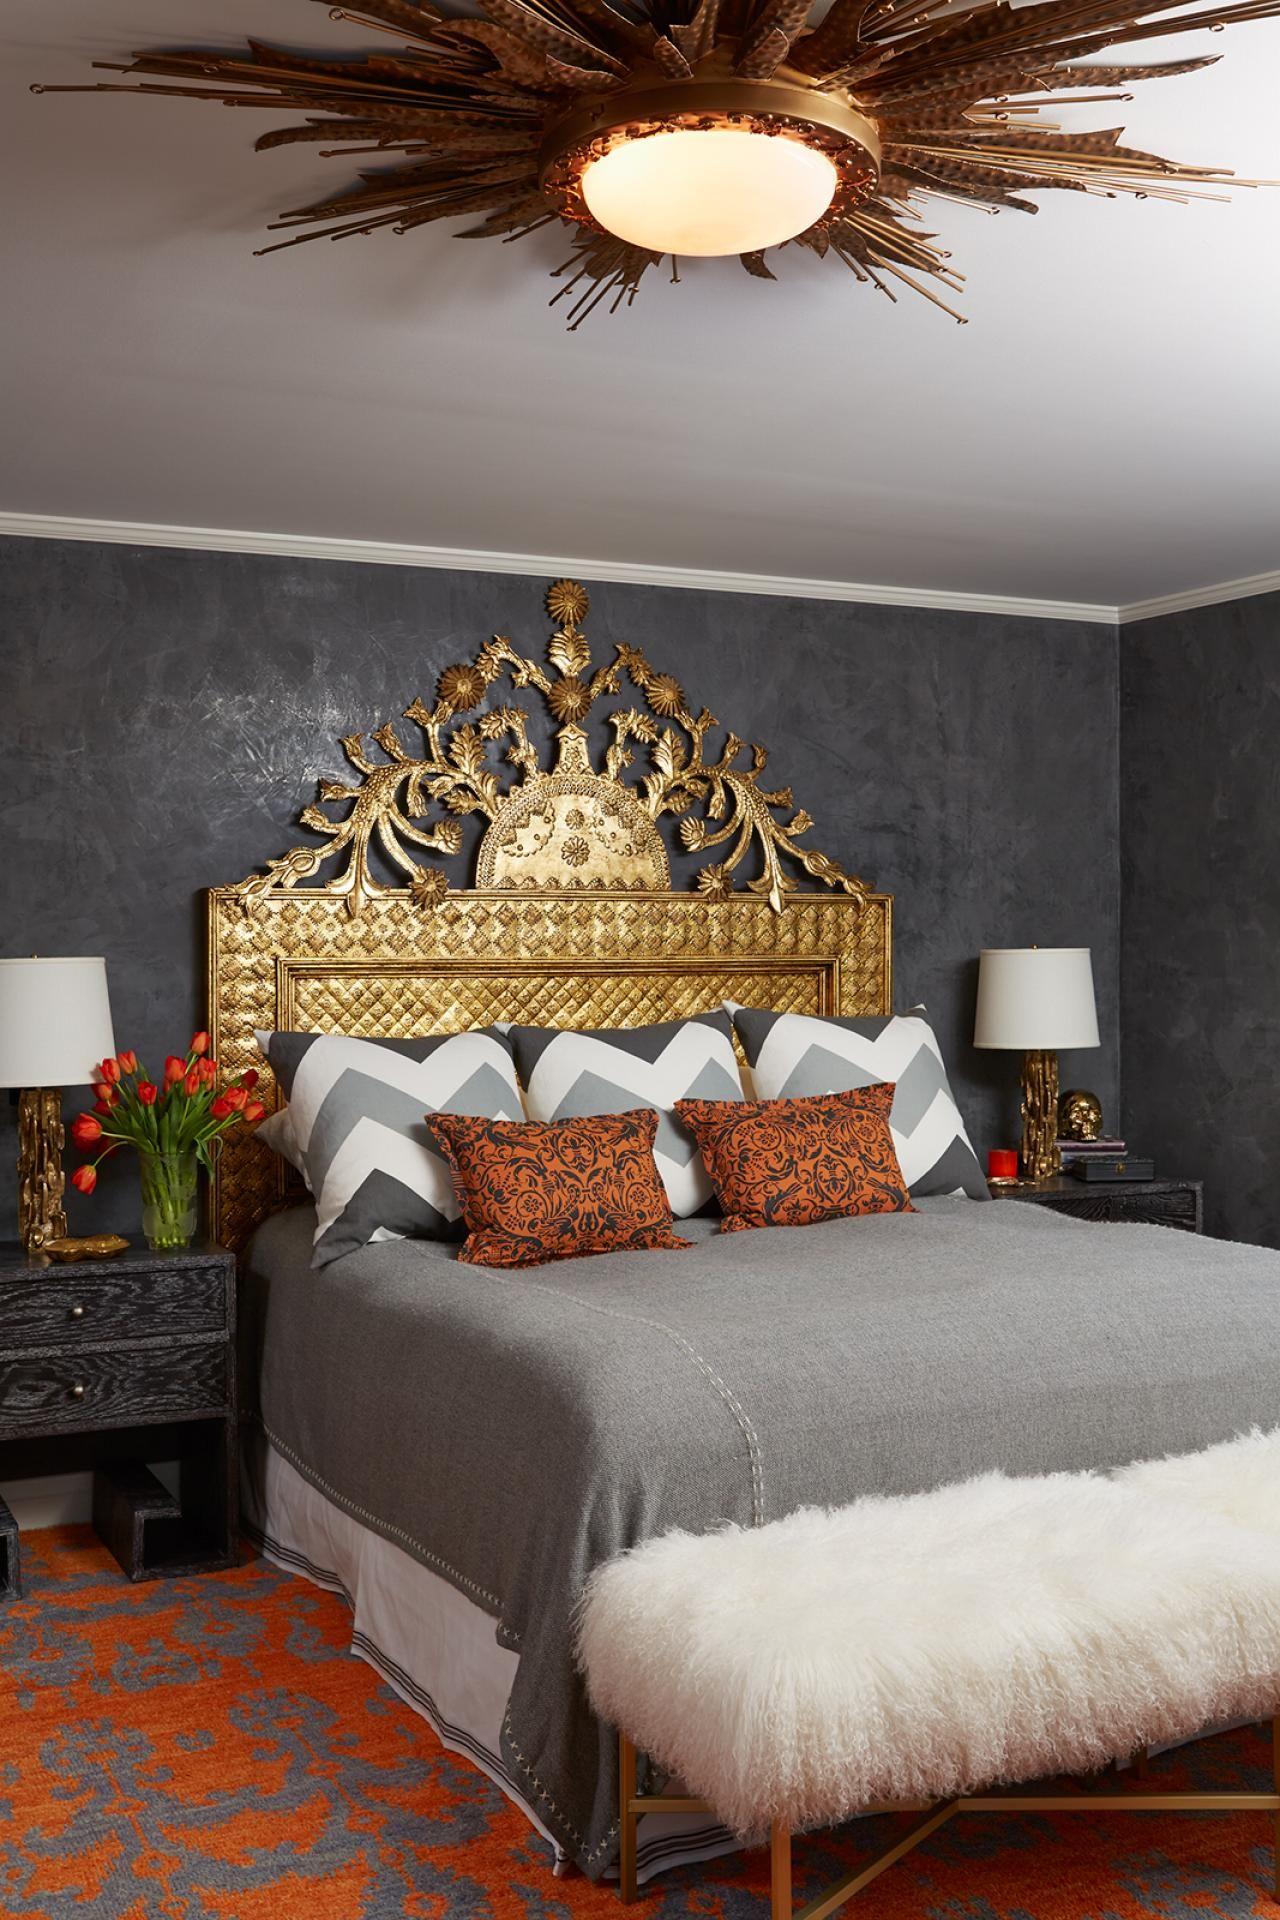 An Ornate Gold Headboard And Sunburst Light Fixture Create A